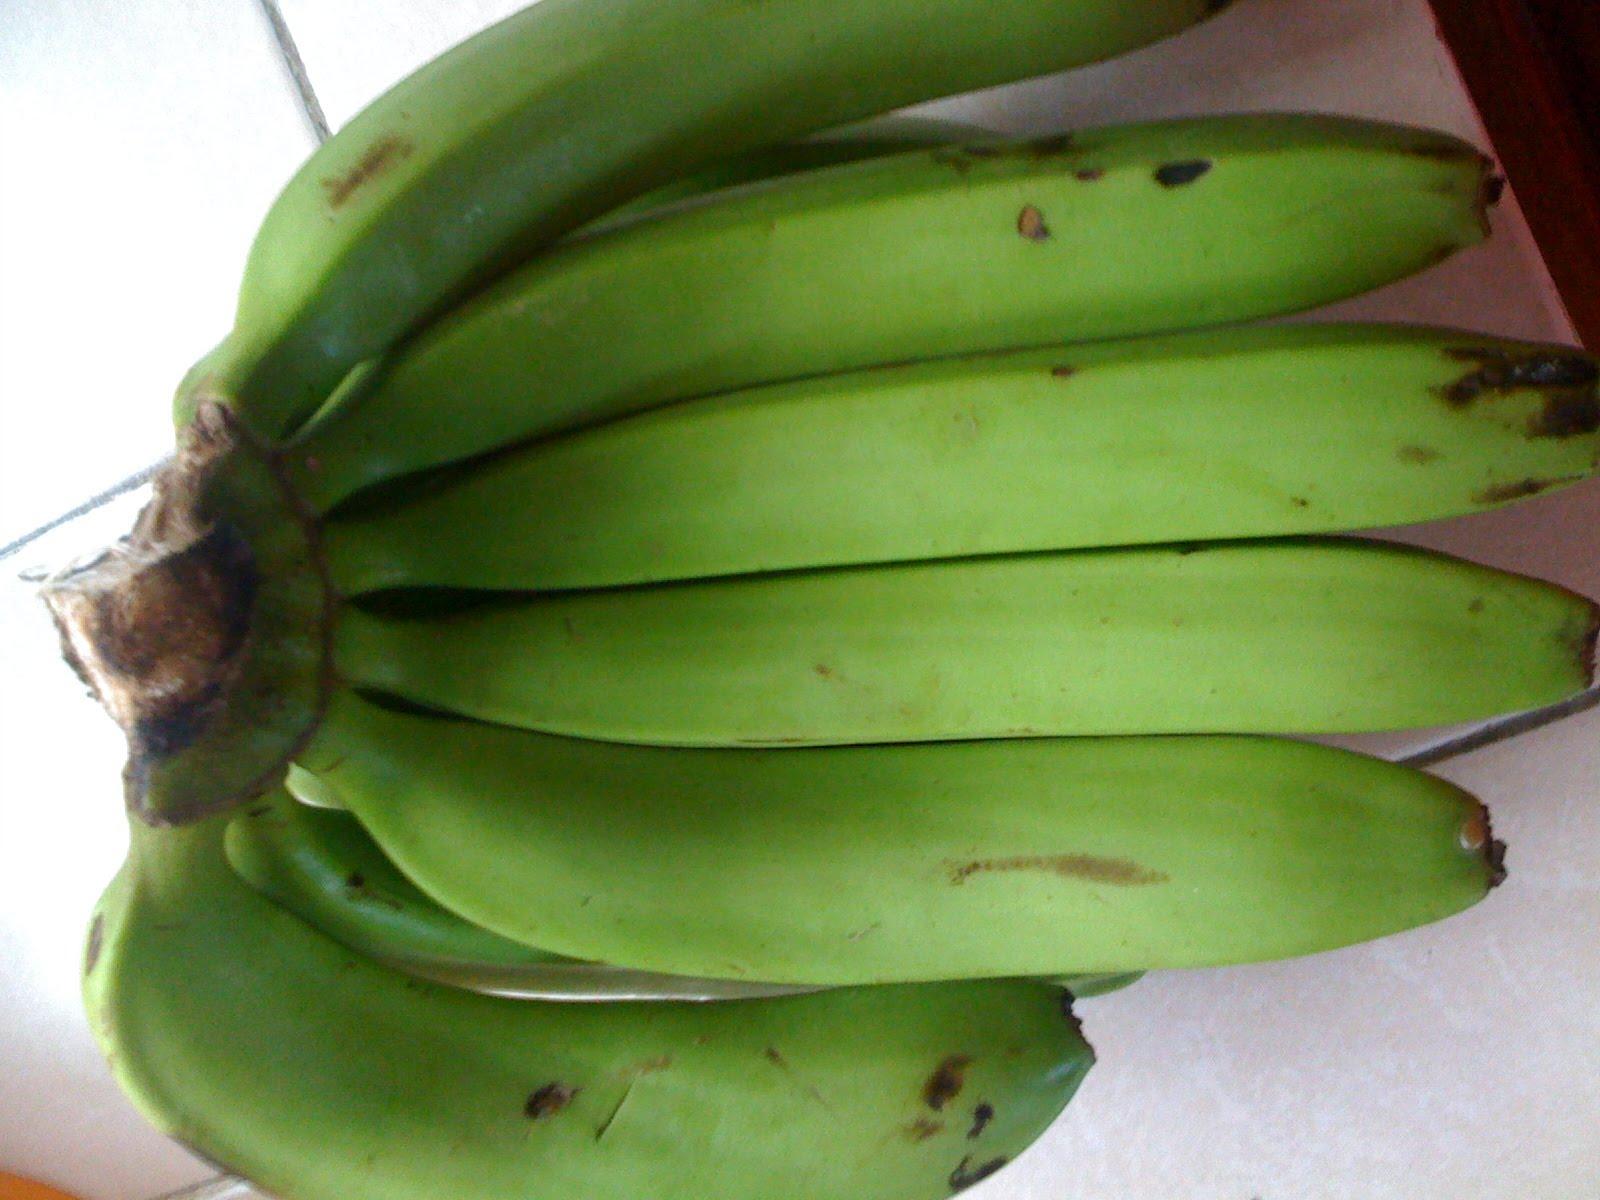 Banana vegetables photos